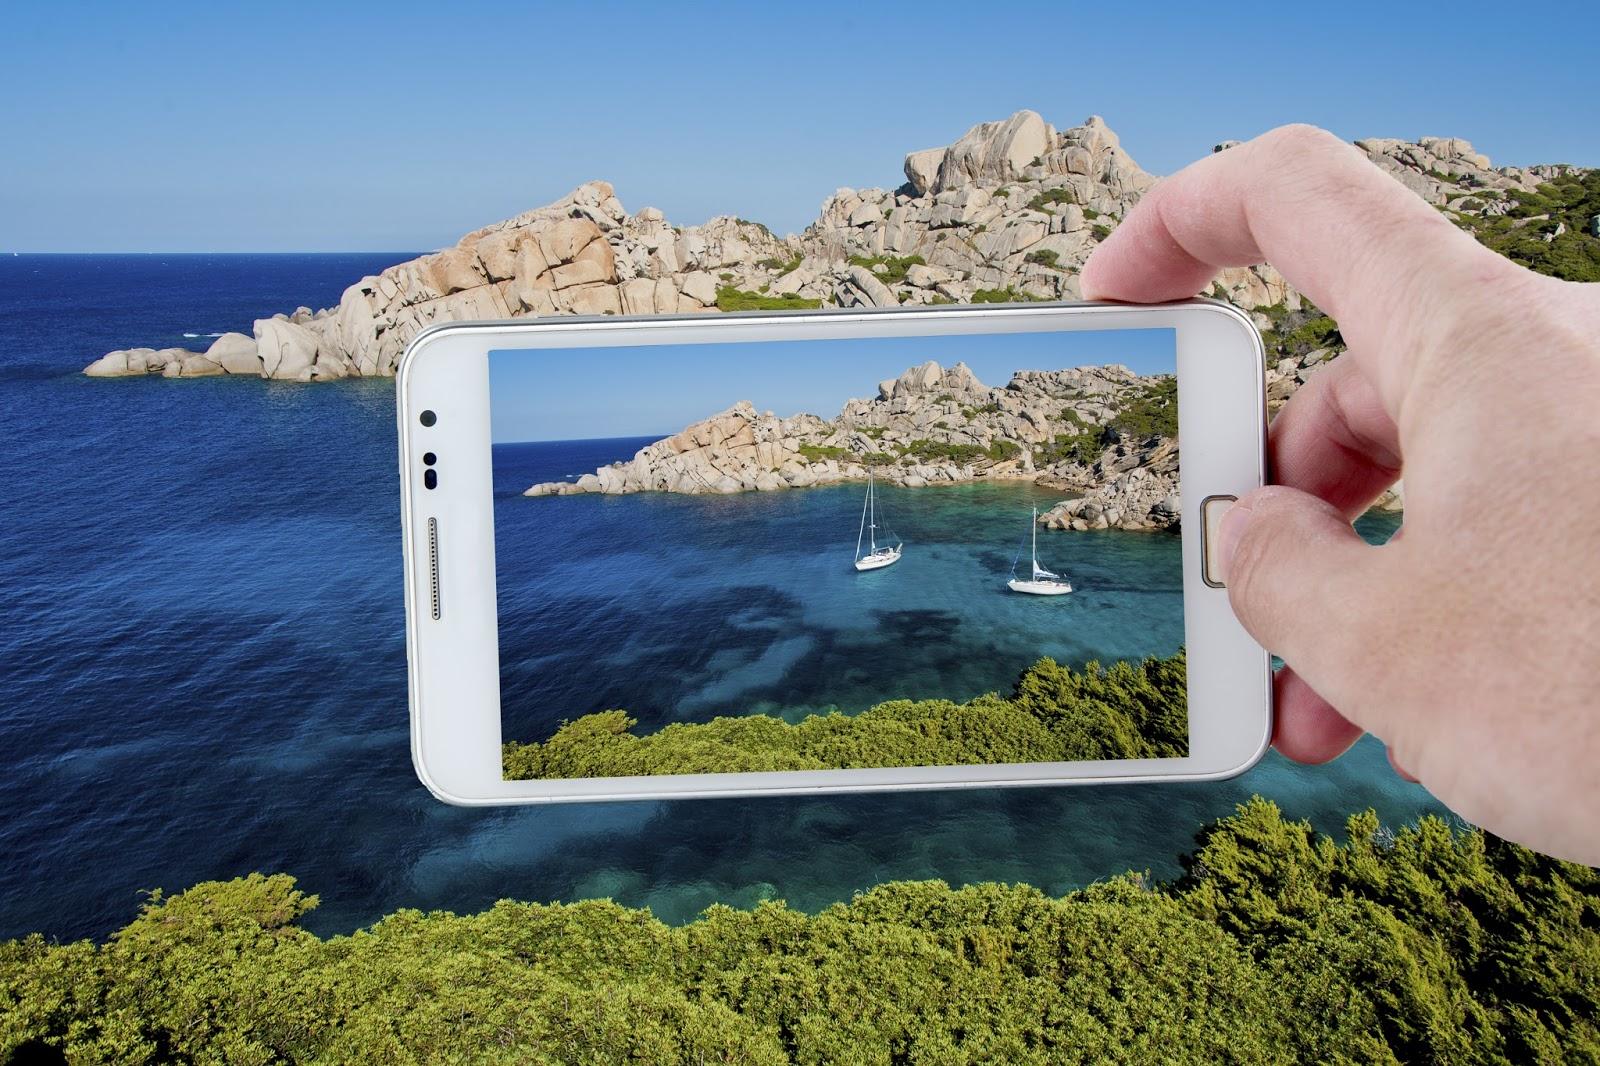 cách chụp ảnh phong cảnh đẹp bằng điện thoại